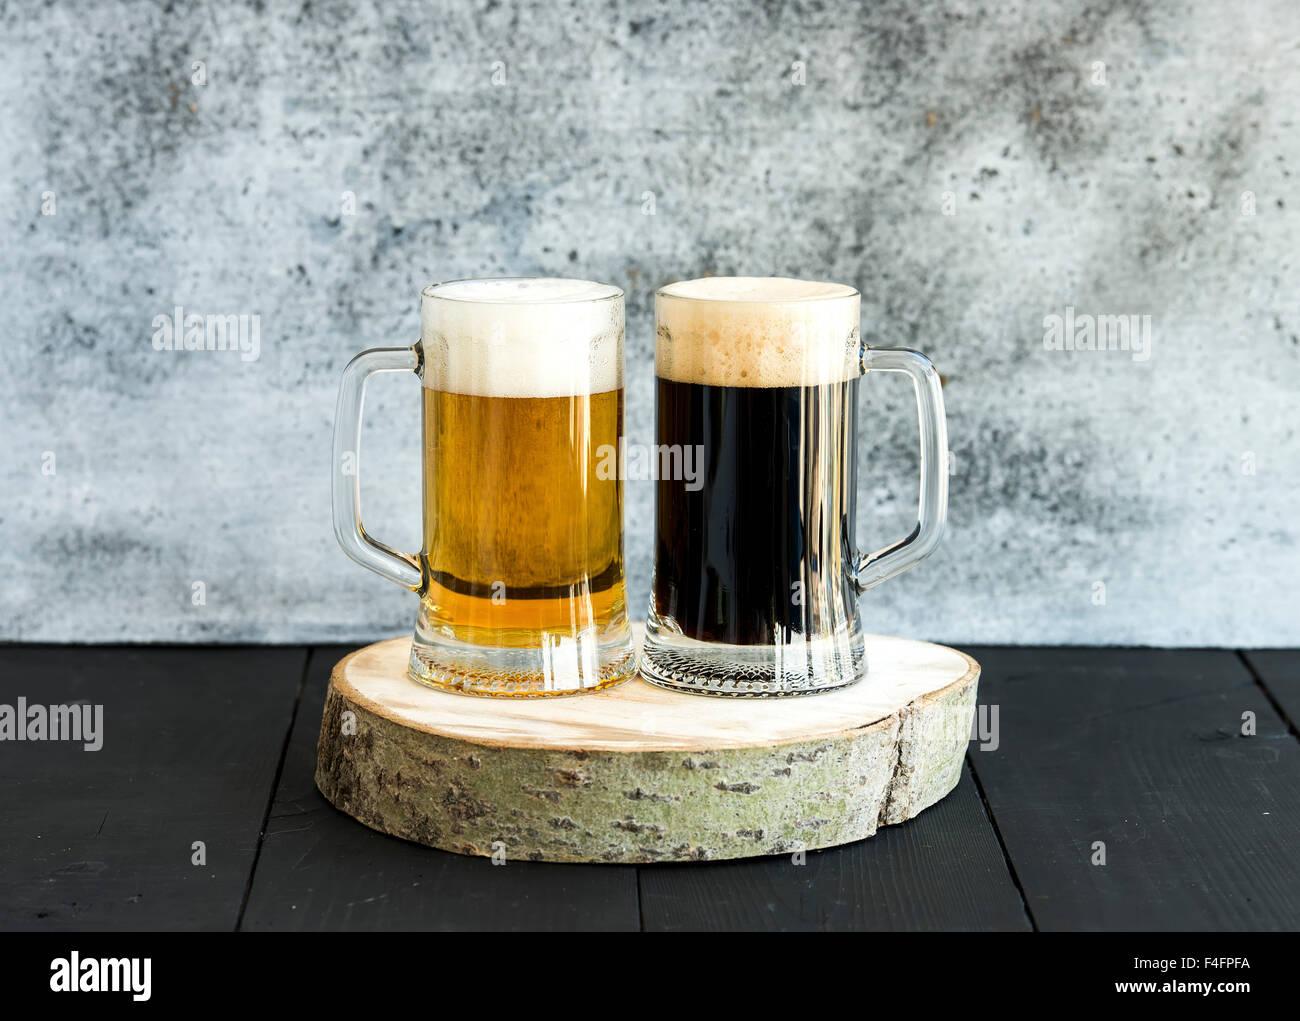 La lumière et l'obscurité de la bière dans des tasses sur planche de bois, toile grunge Photo Stock